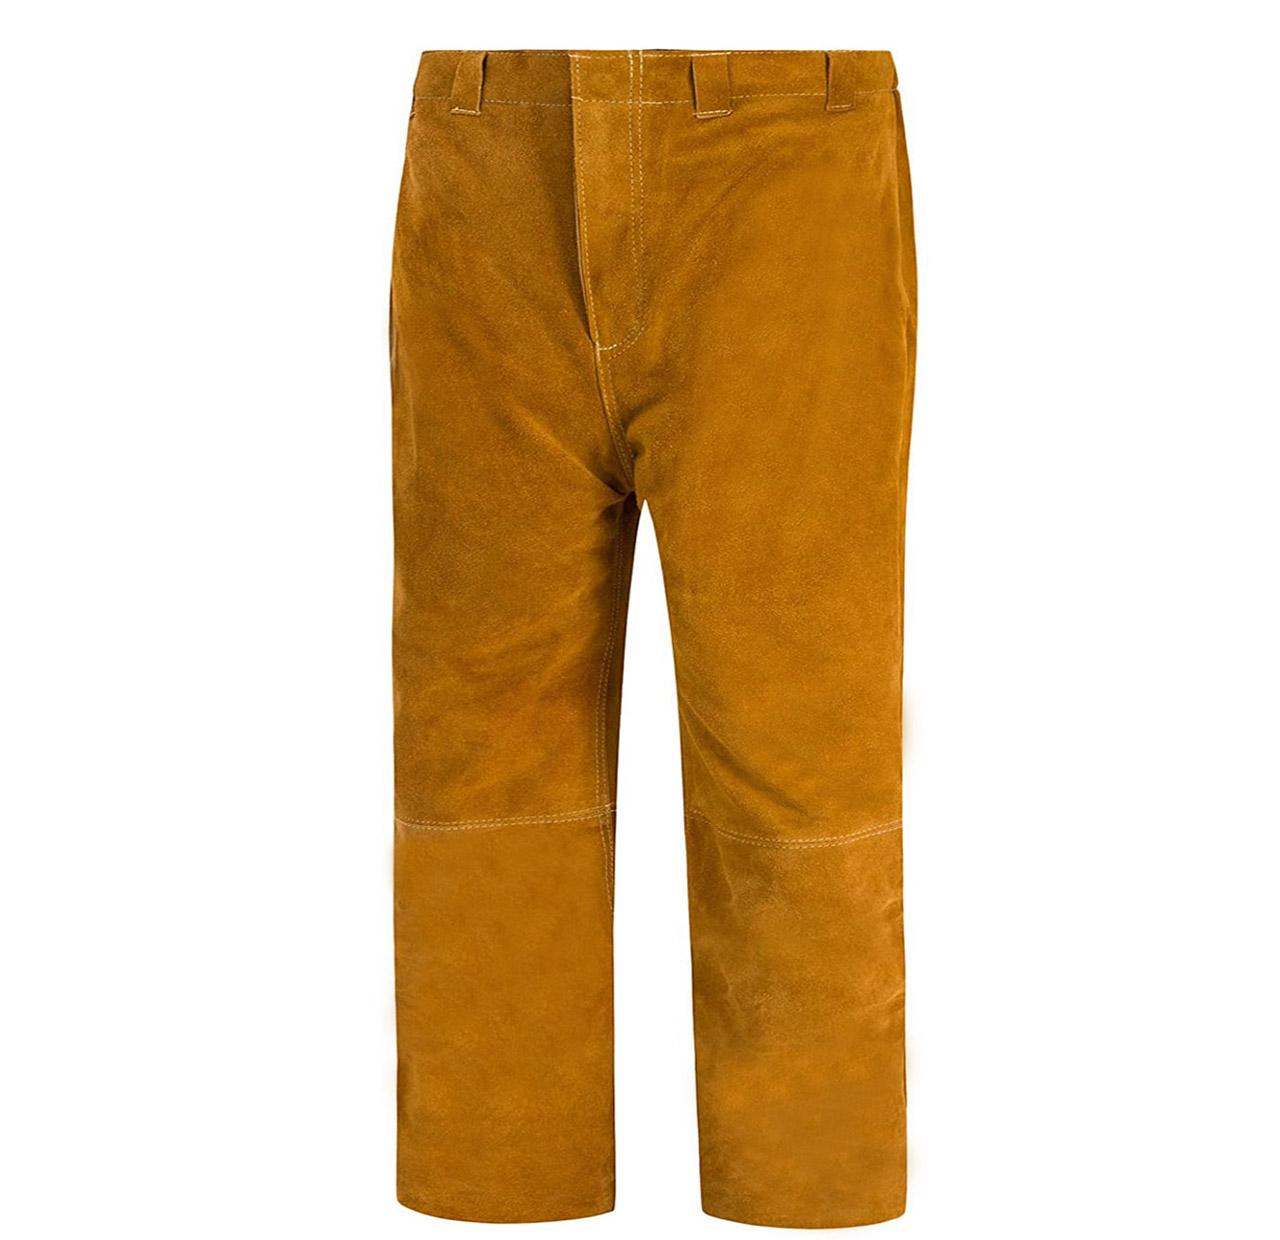 Cow Split Leather Welder Trousers